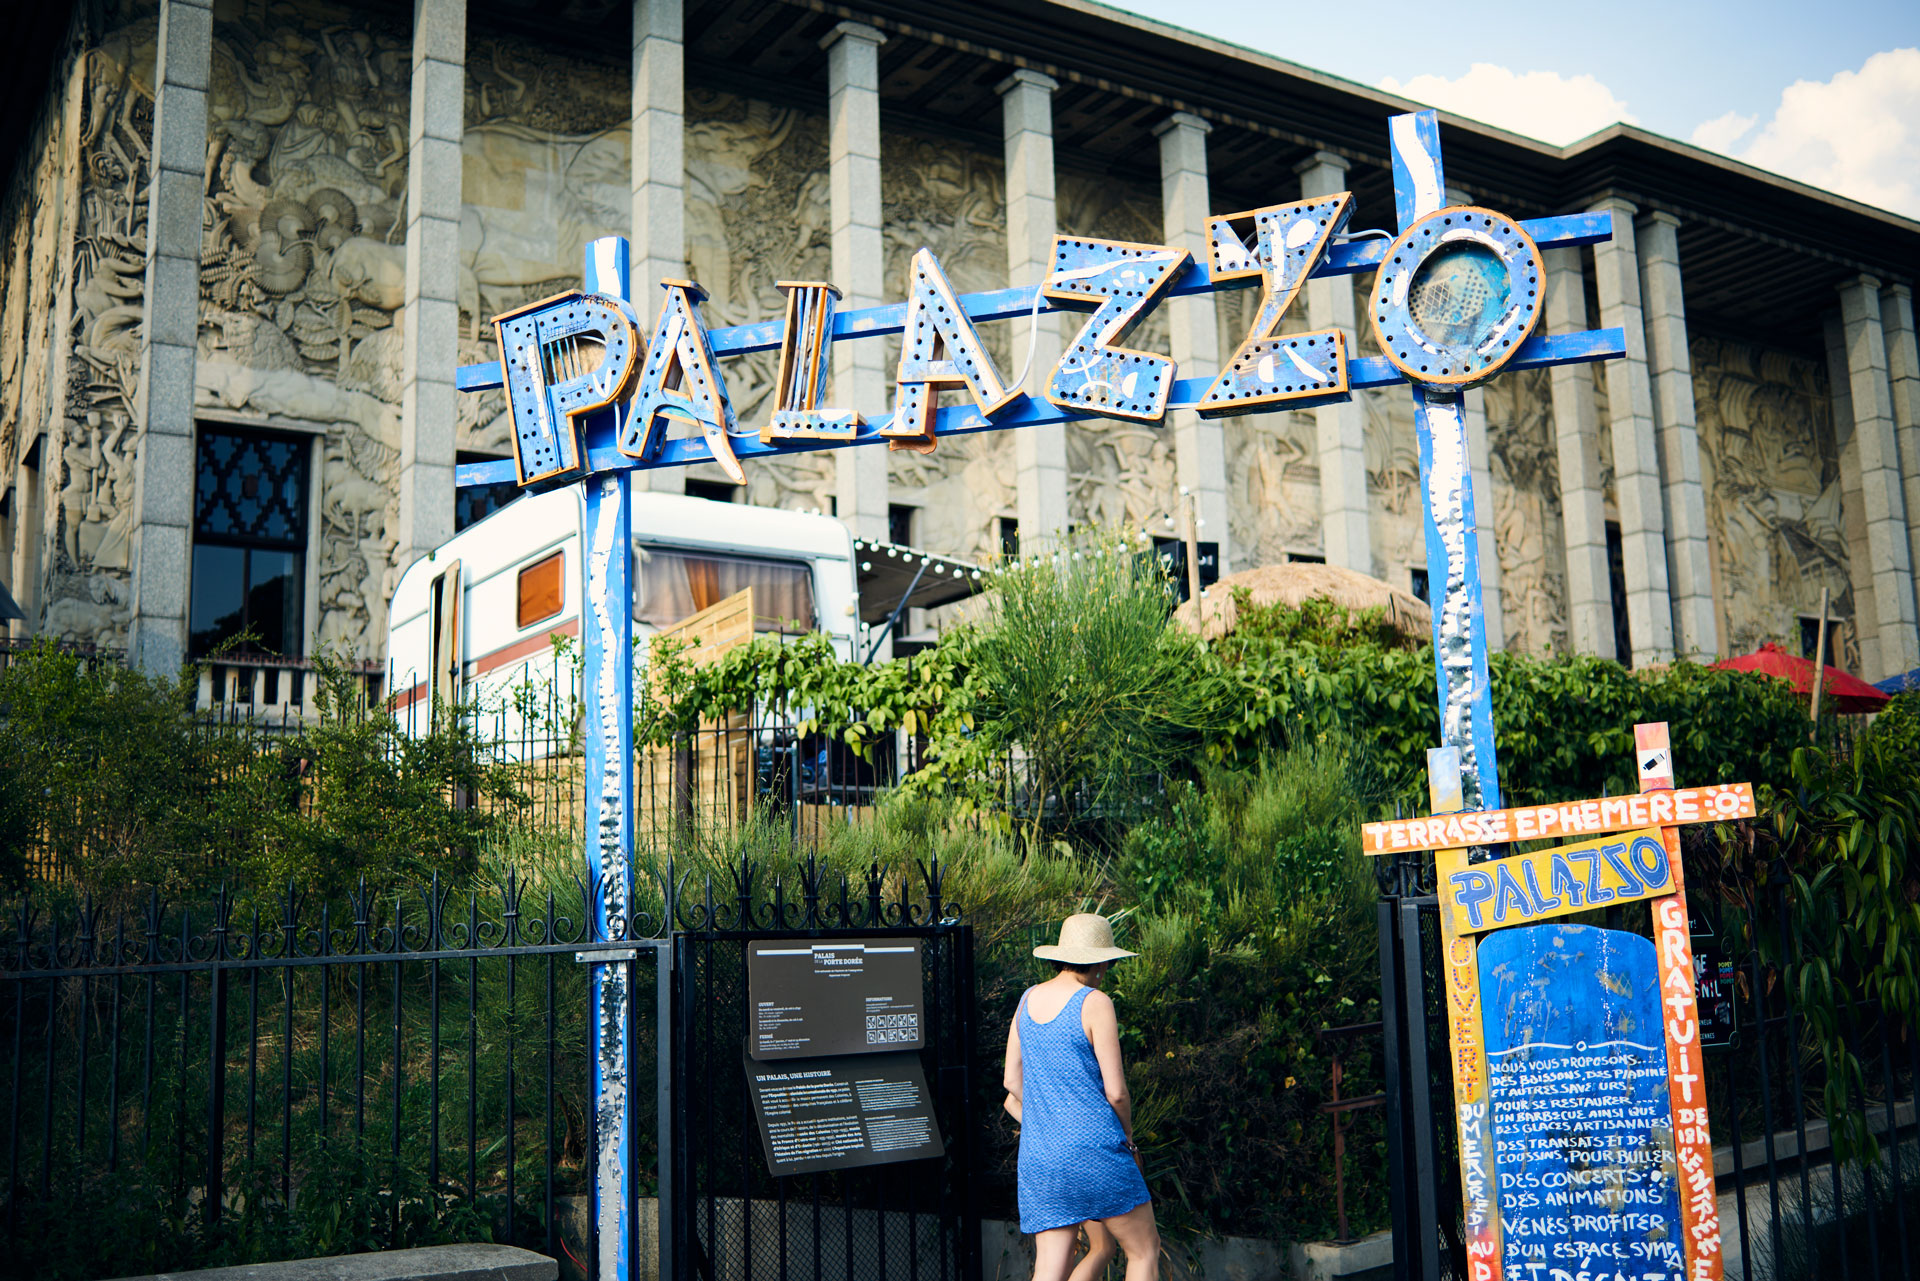 palazzo-la-terrasse-phmre-du-palais-de-la-porte-dore_36863700743_o